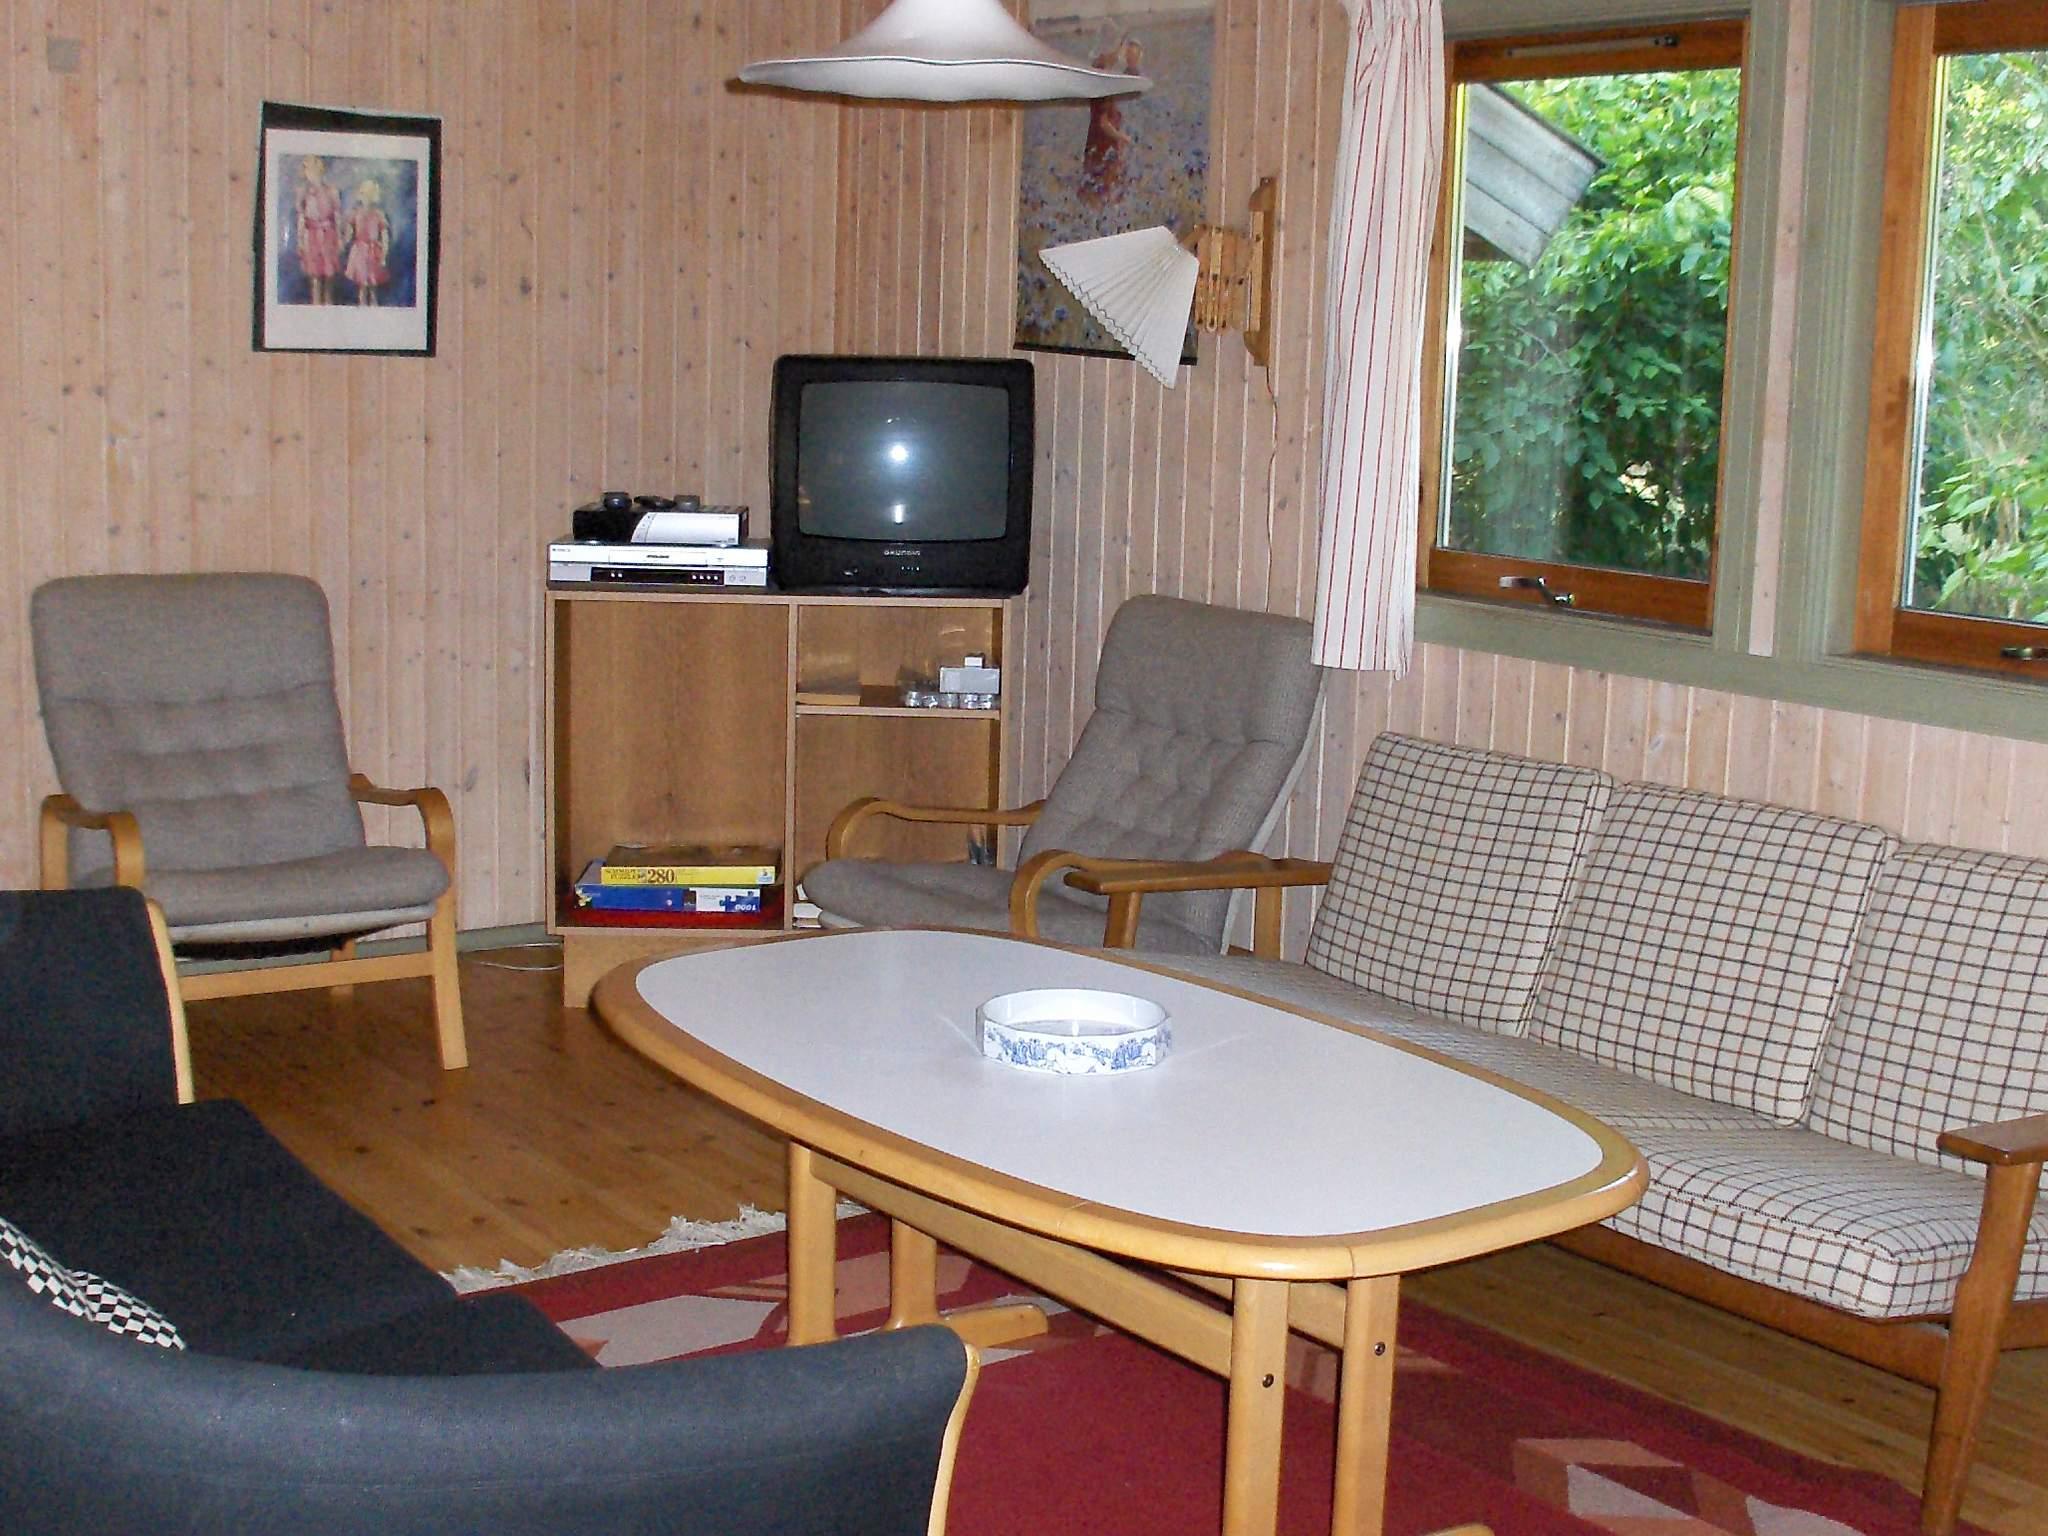 Ferienhaus Marielyst (87234), Marielyst, , Falster, Dänemark, Bild 2